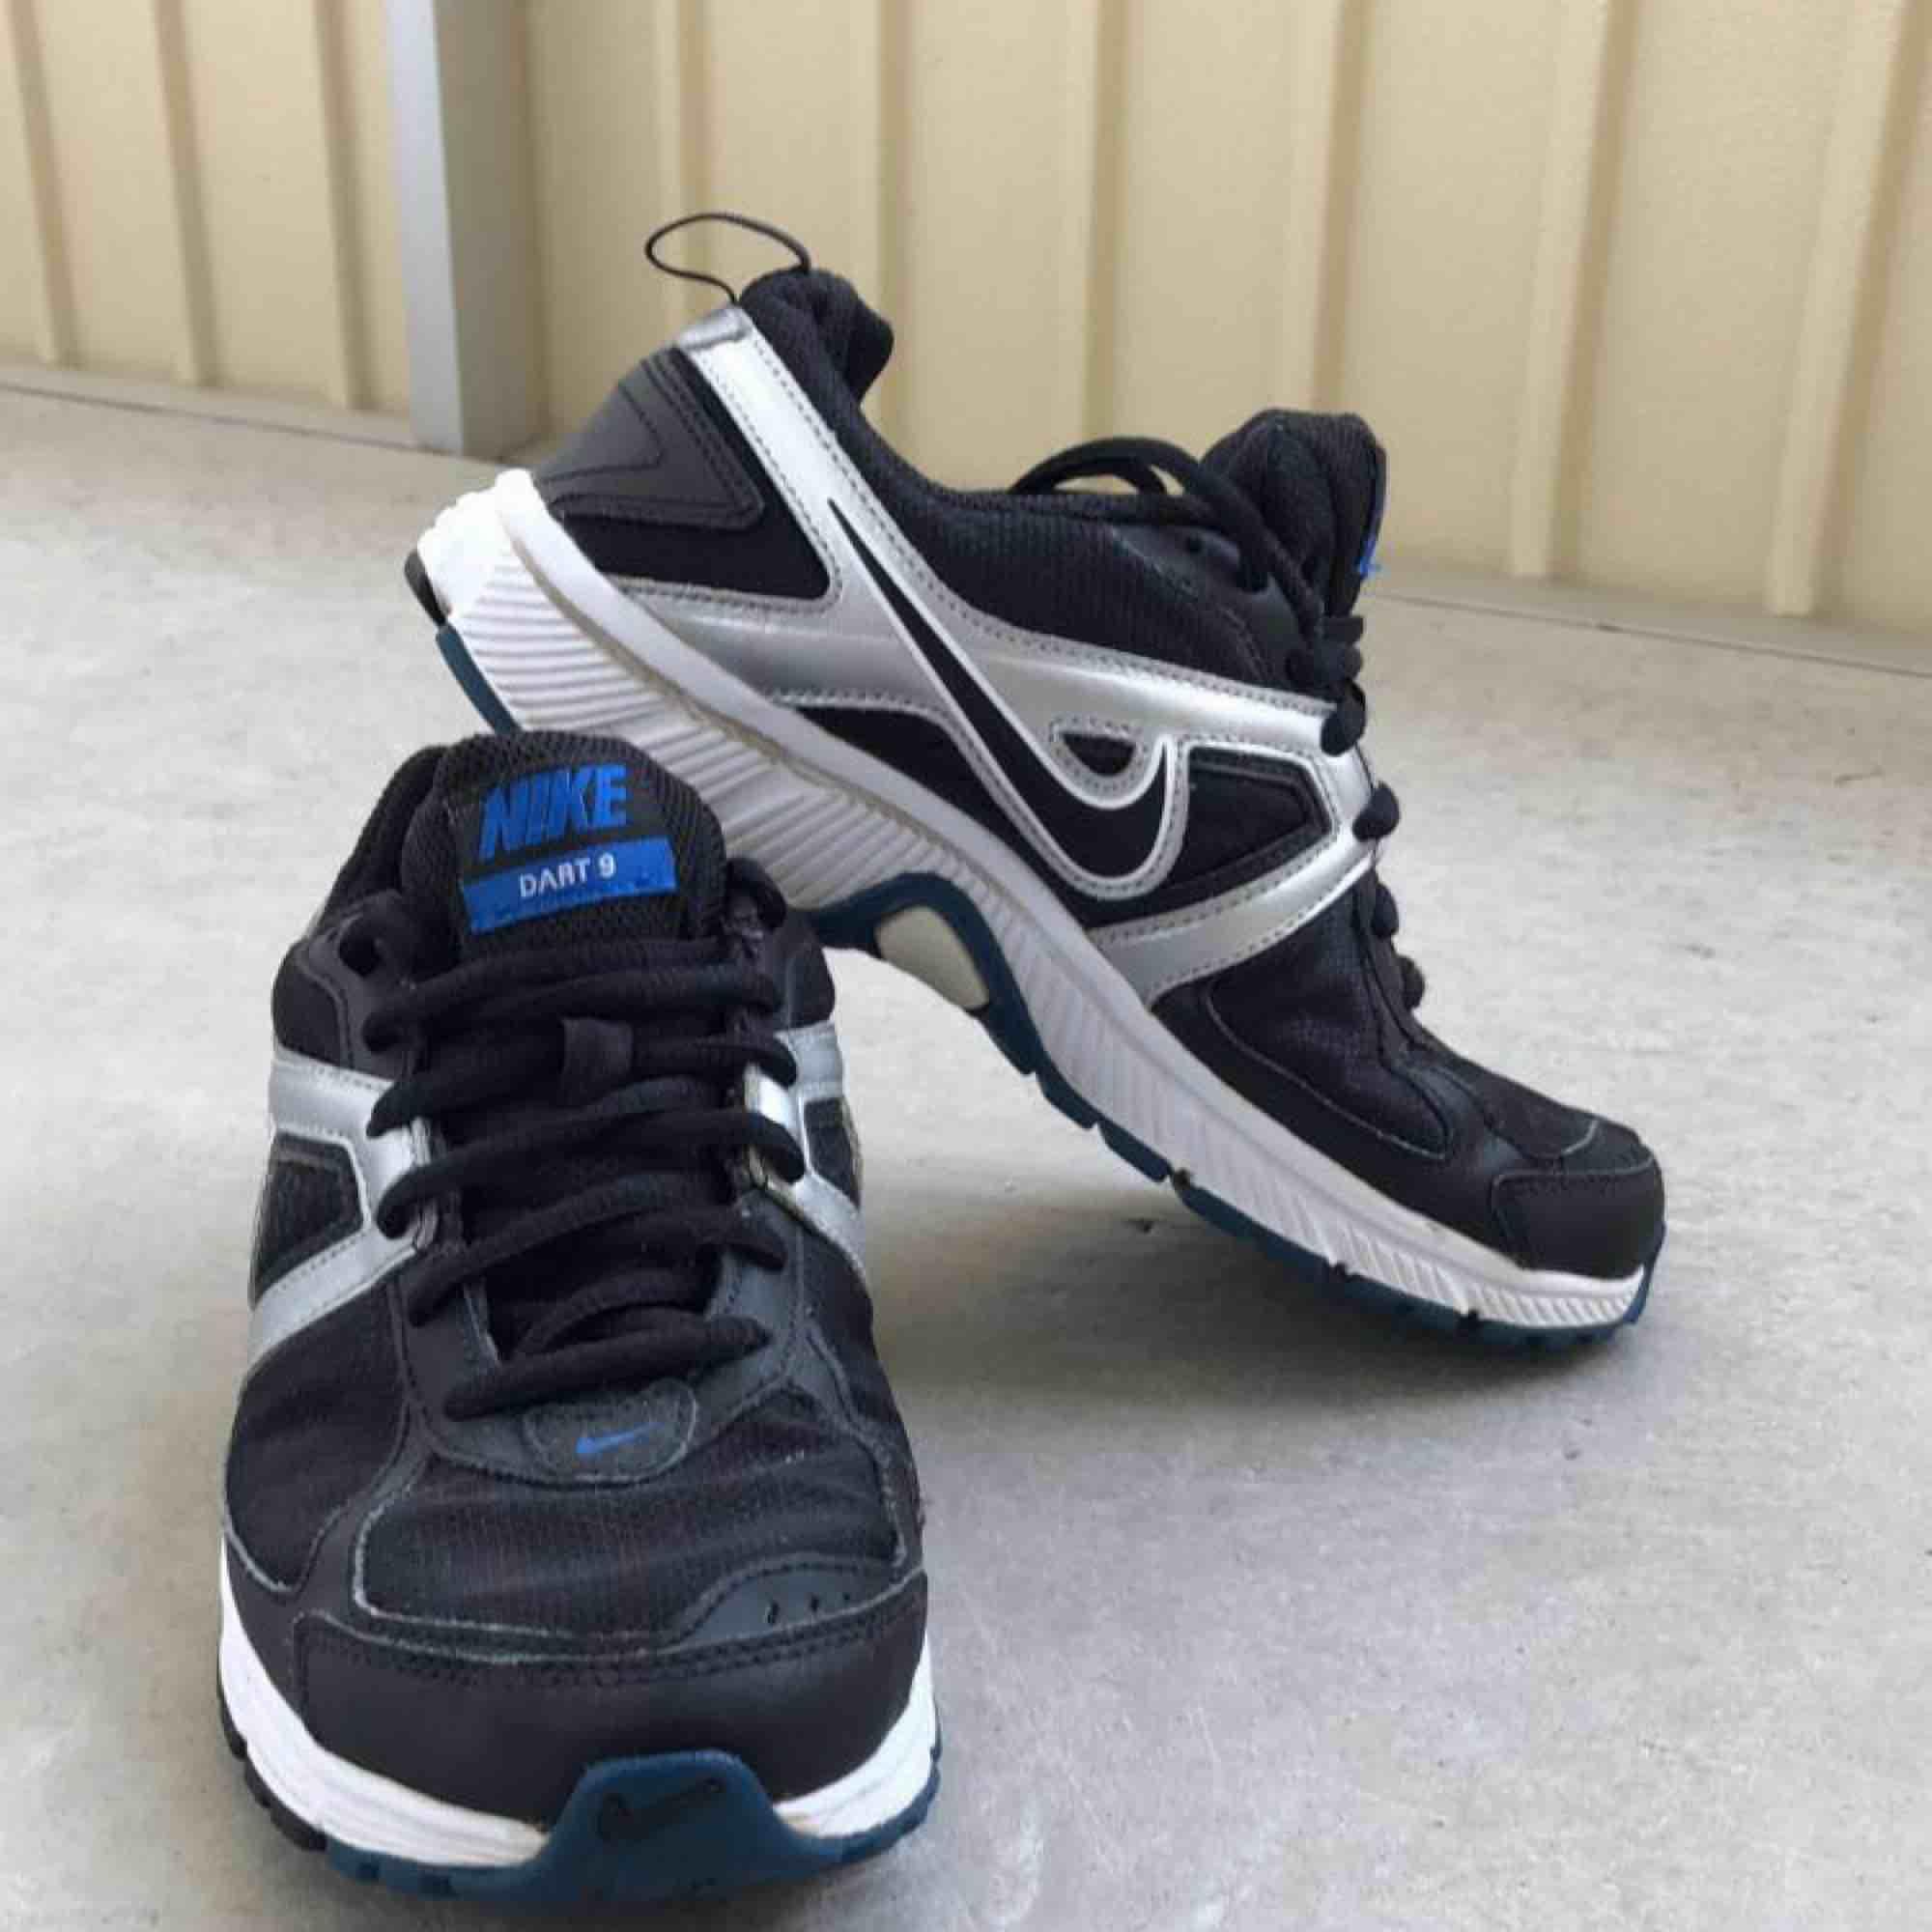 Äkta Nike Dart 9 skor som är använd i storlek 37,5. . Skor.